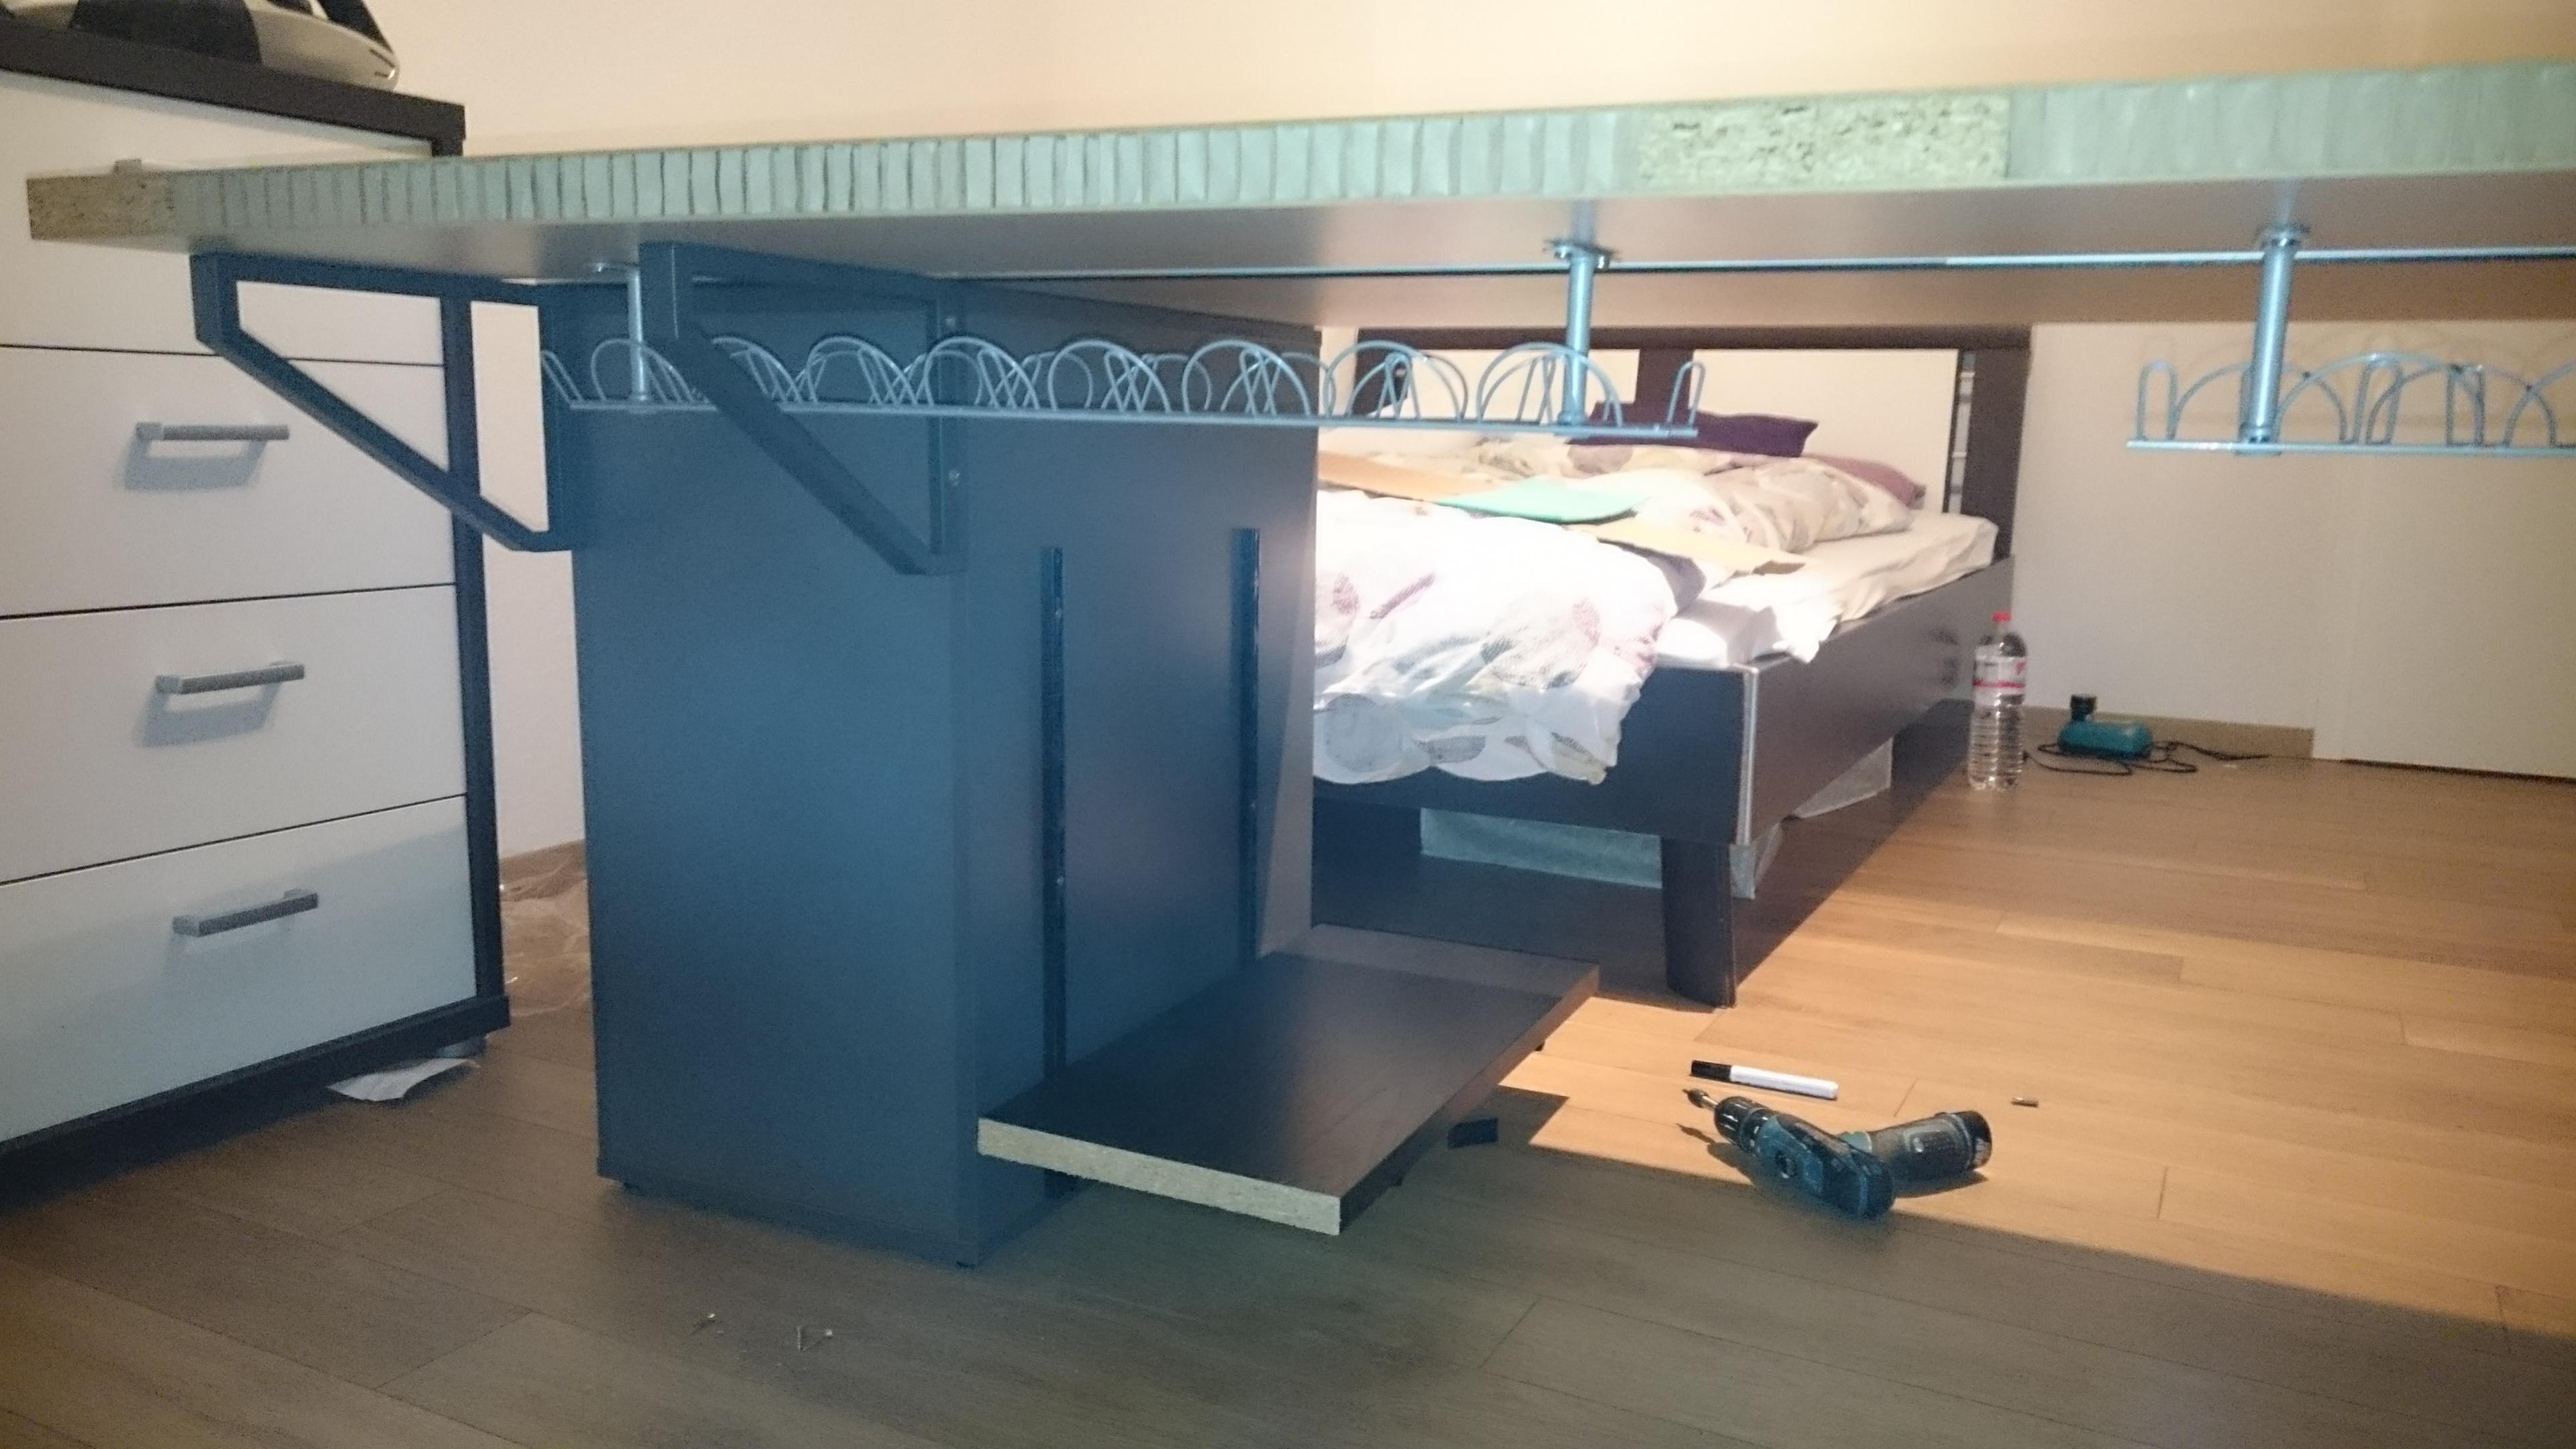 kabel am schreibtisch verstecken kabel am schreibtisch verstecken com forafrica. Black Bedroom Furniture Sets. Home Design Ideas